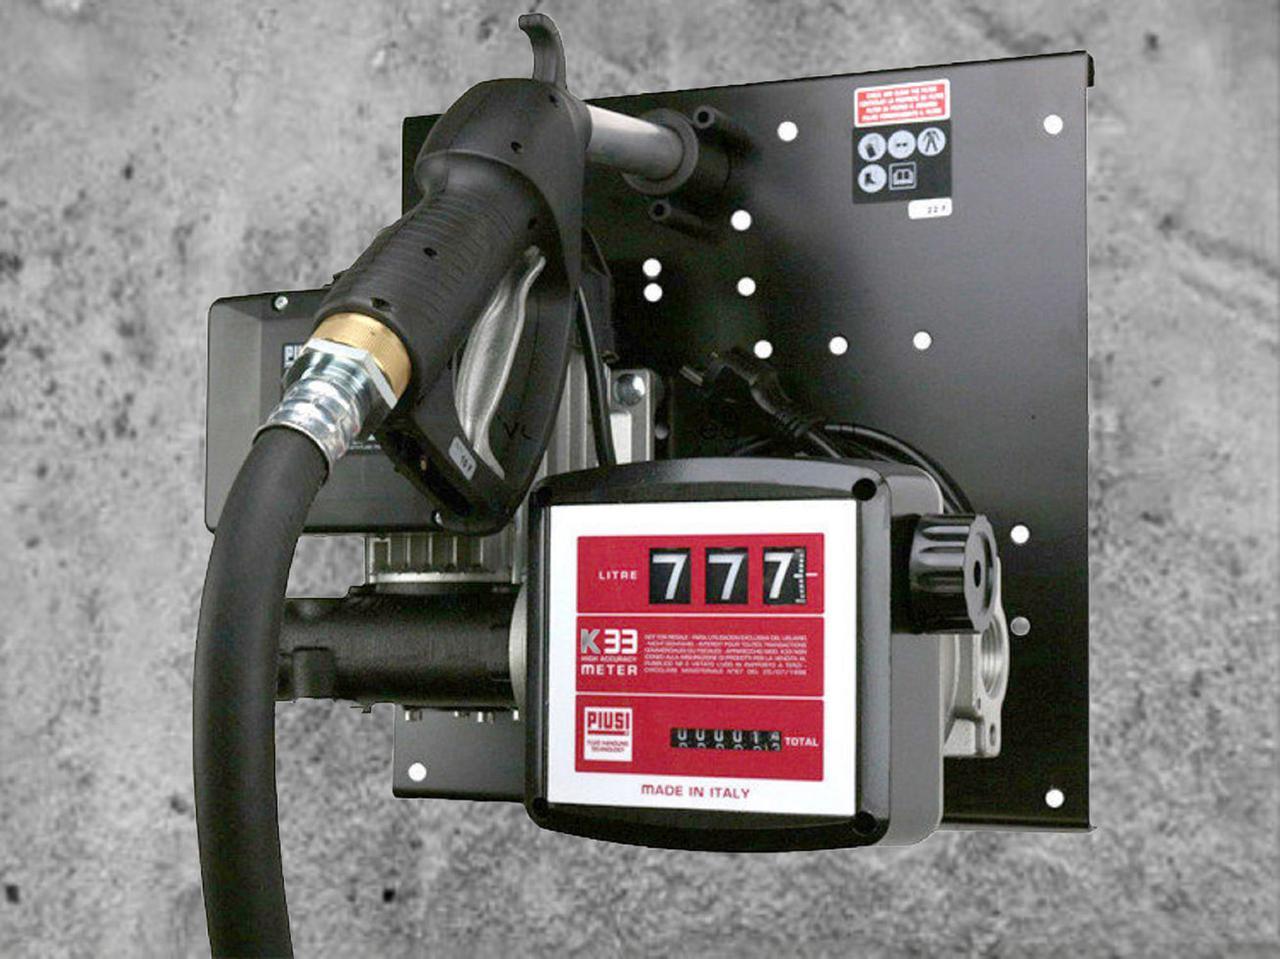 Мобильный топливо-заправочный модуль Piusi ST Panther 56 K33